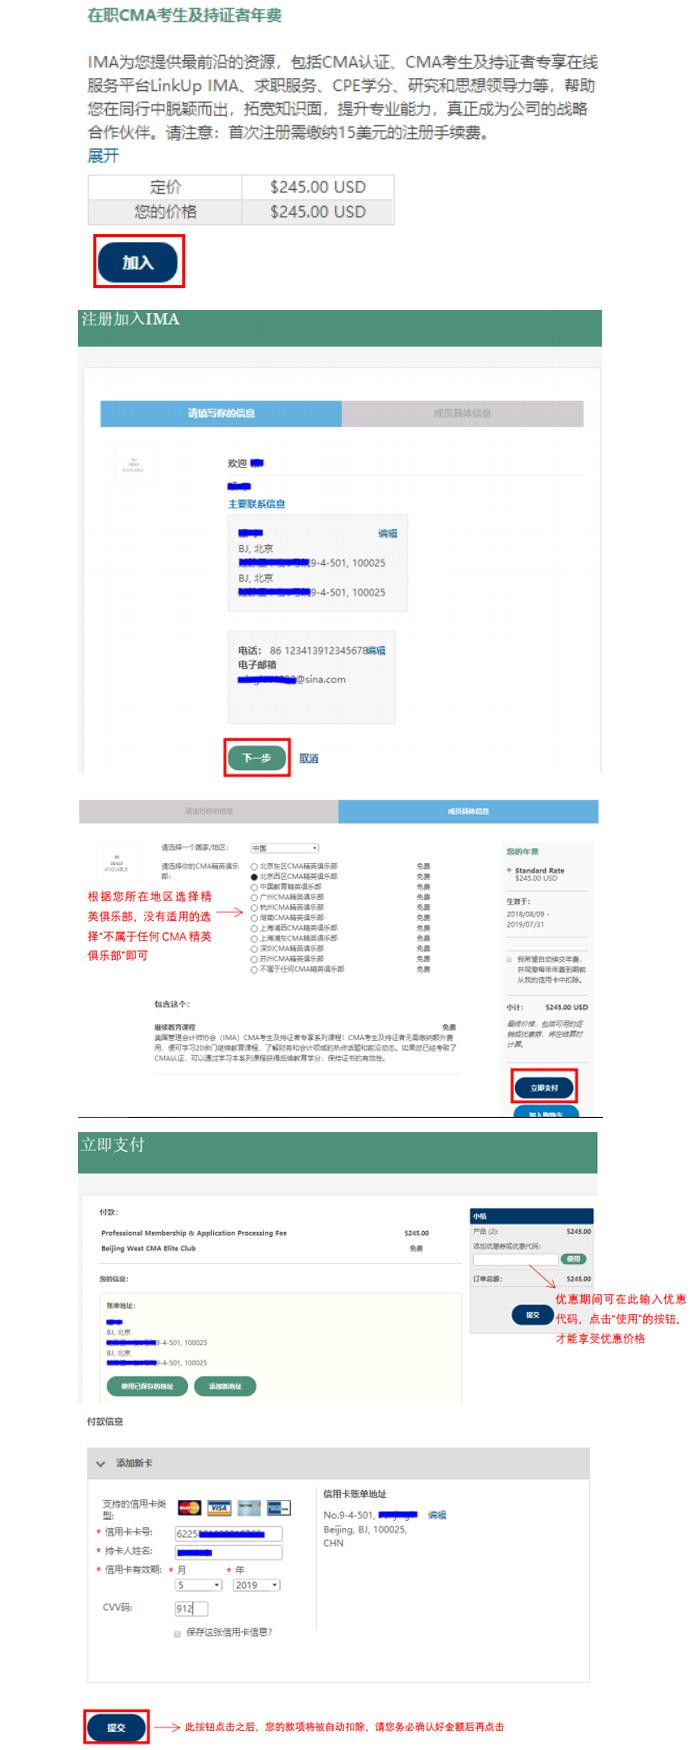 中文CMA报名图解4